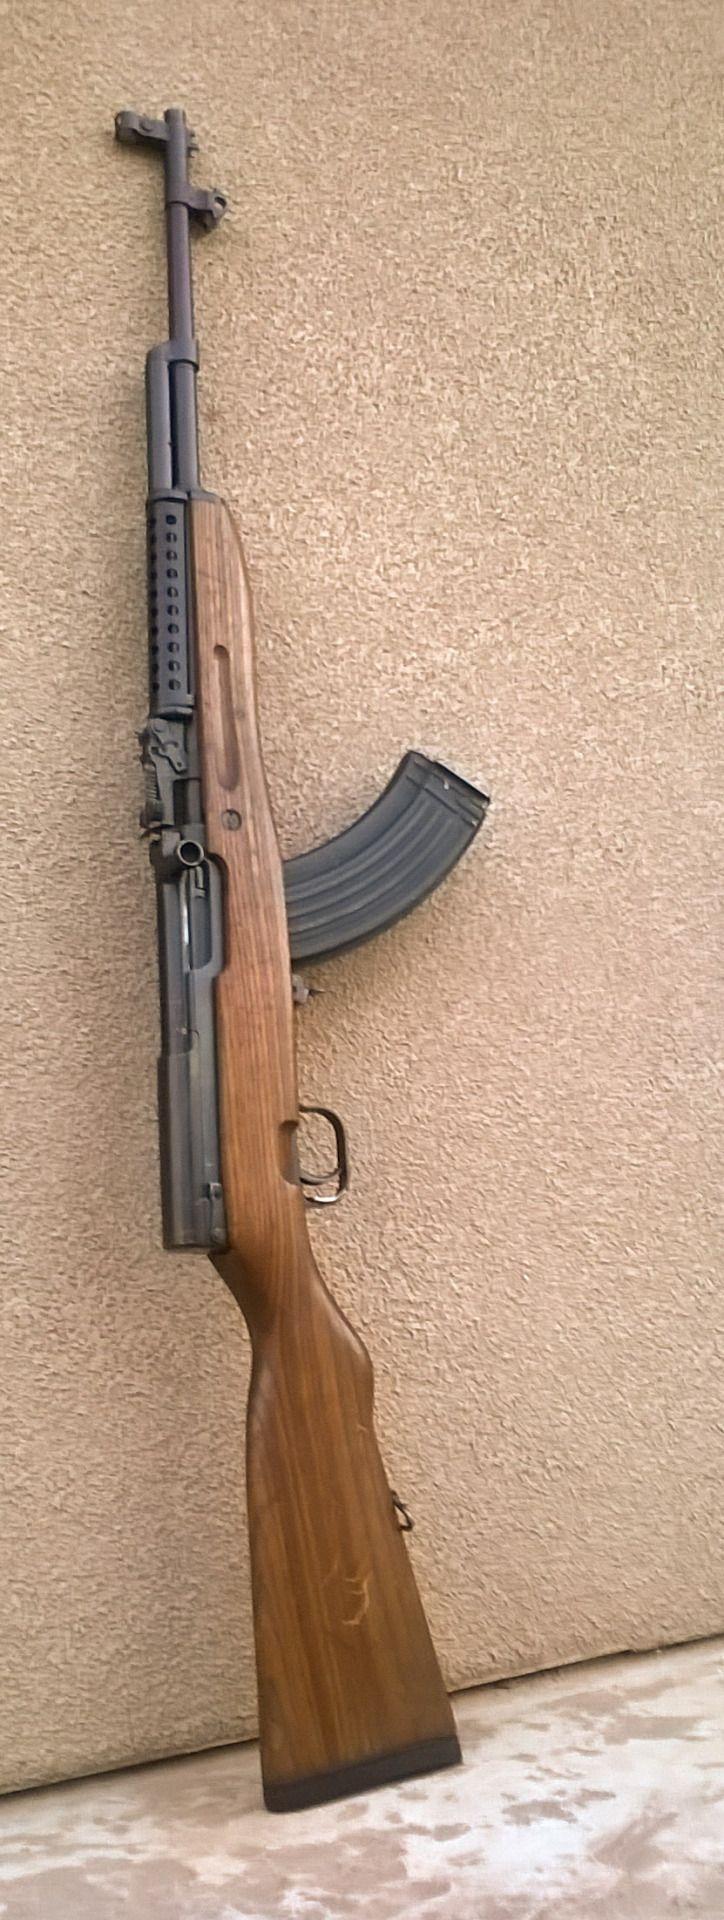 SKS - A SKS é uma espingarda semiautomática de origem soviética de calibre 7.62x39mm, criada em 1945 por Sergei Gavrilovich Simonov. Para ver mais fotos sobre esse mesmo assunto aperte/click no meu nome:@DeyvidBarbosa (DK) e procure a pasta SKS.